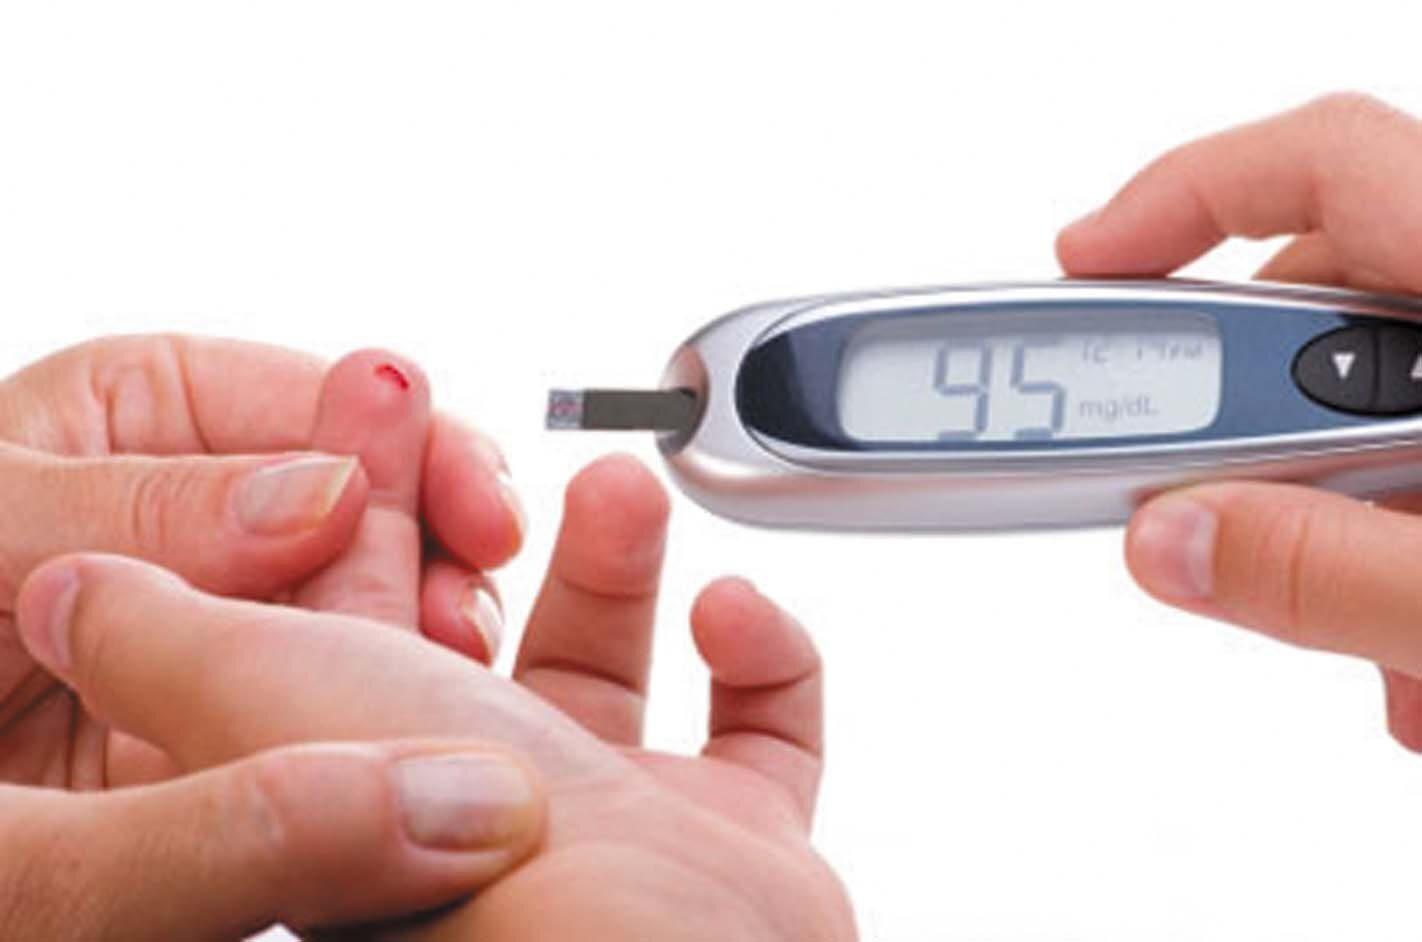 Giornata Mondiale del Diabete: consigli utili per la prevenzione della malattia